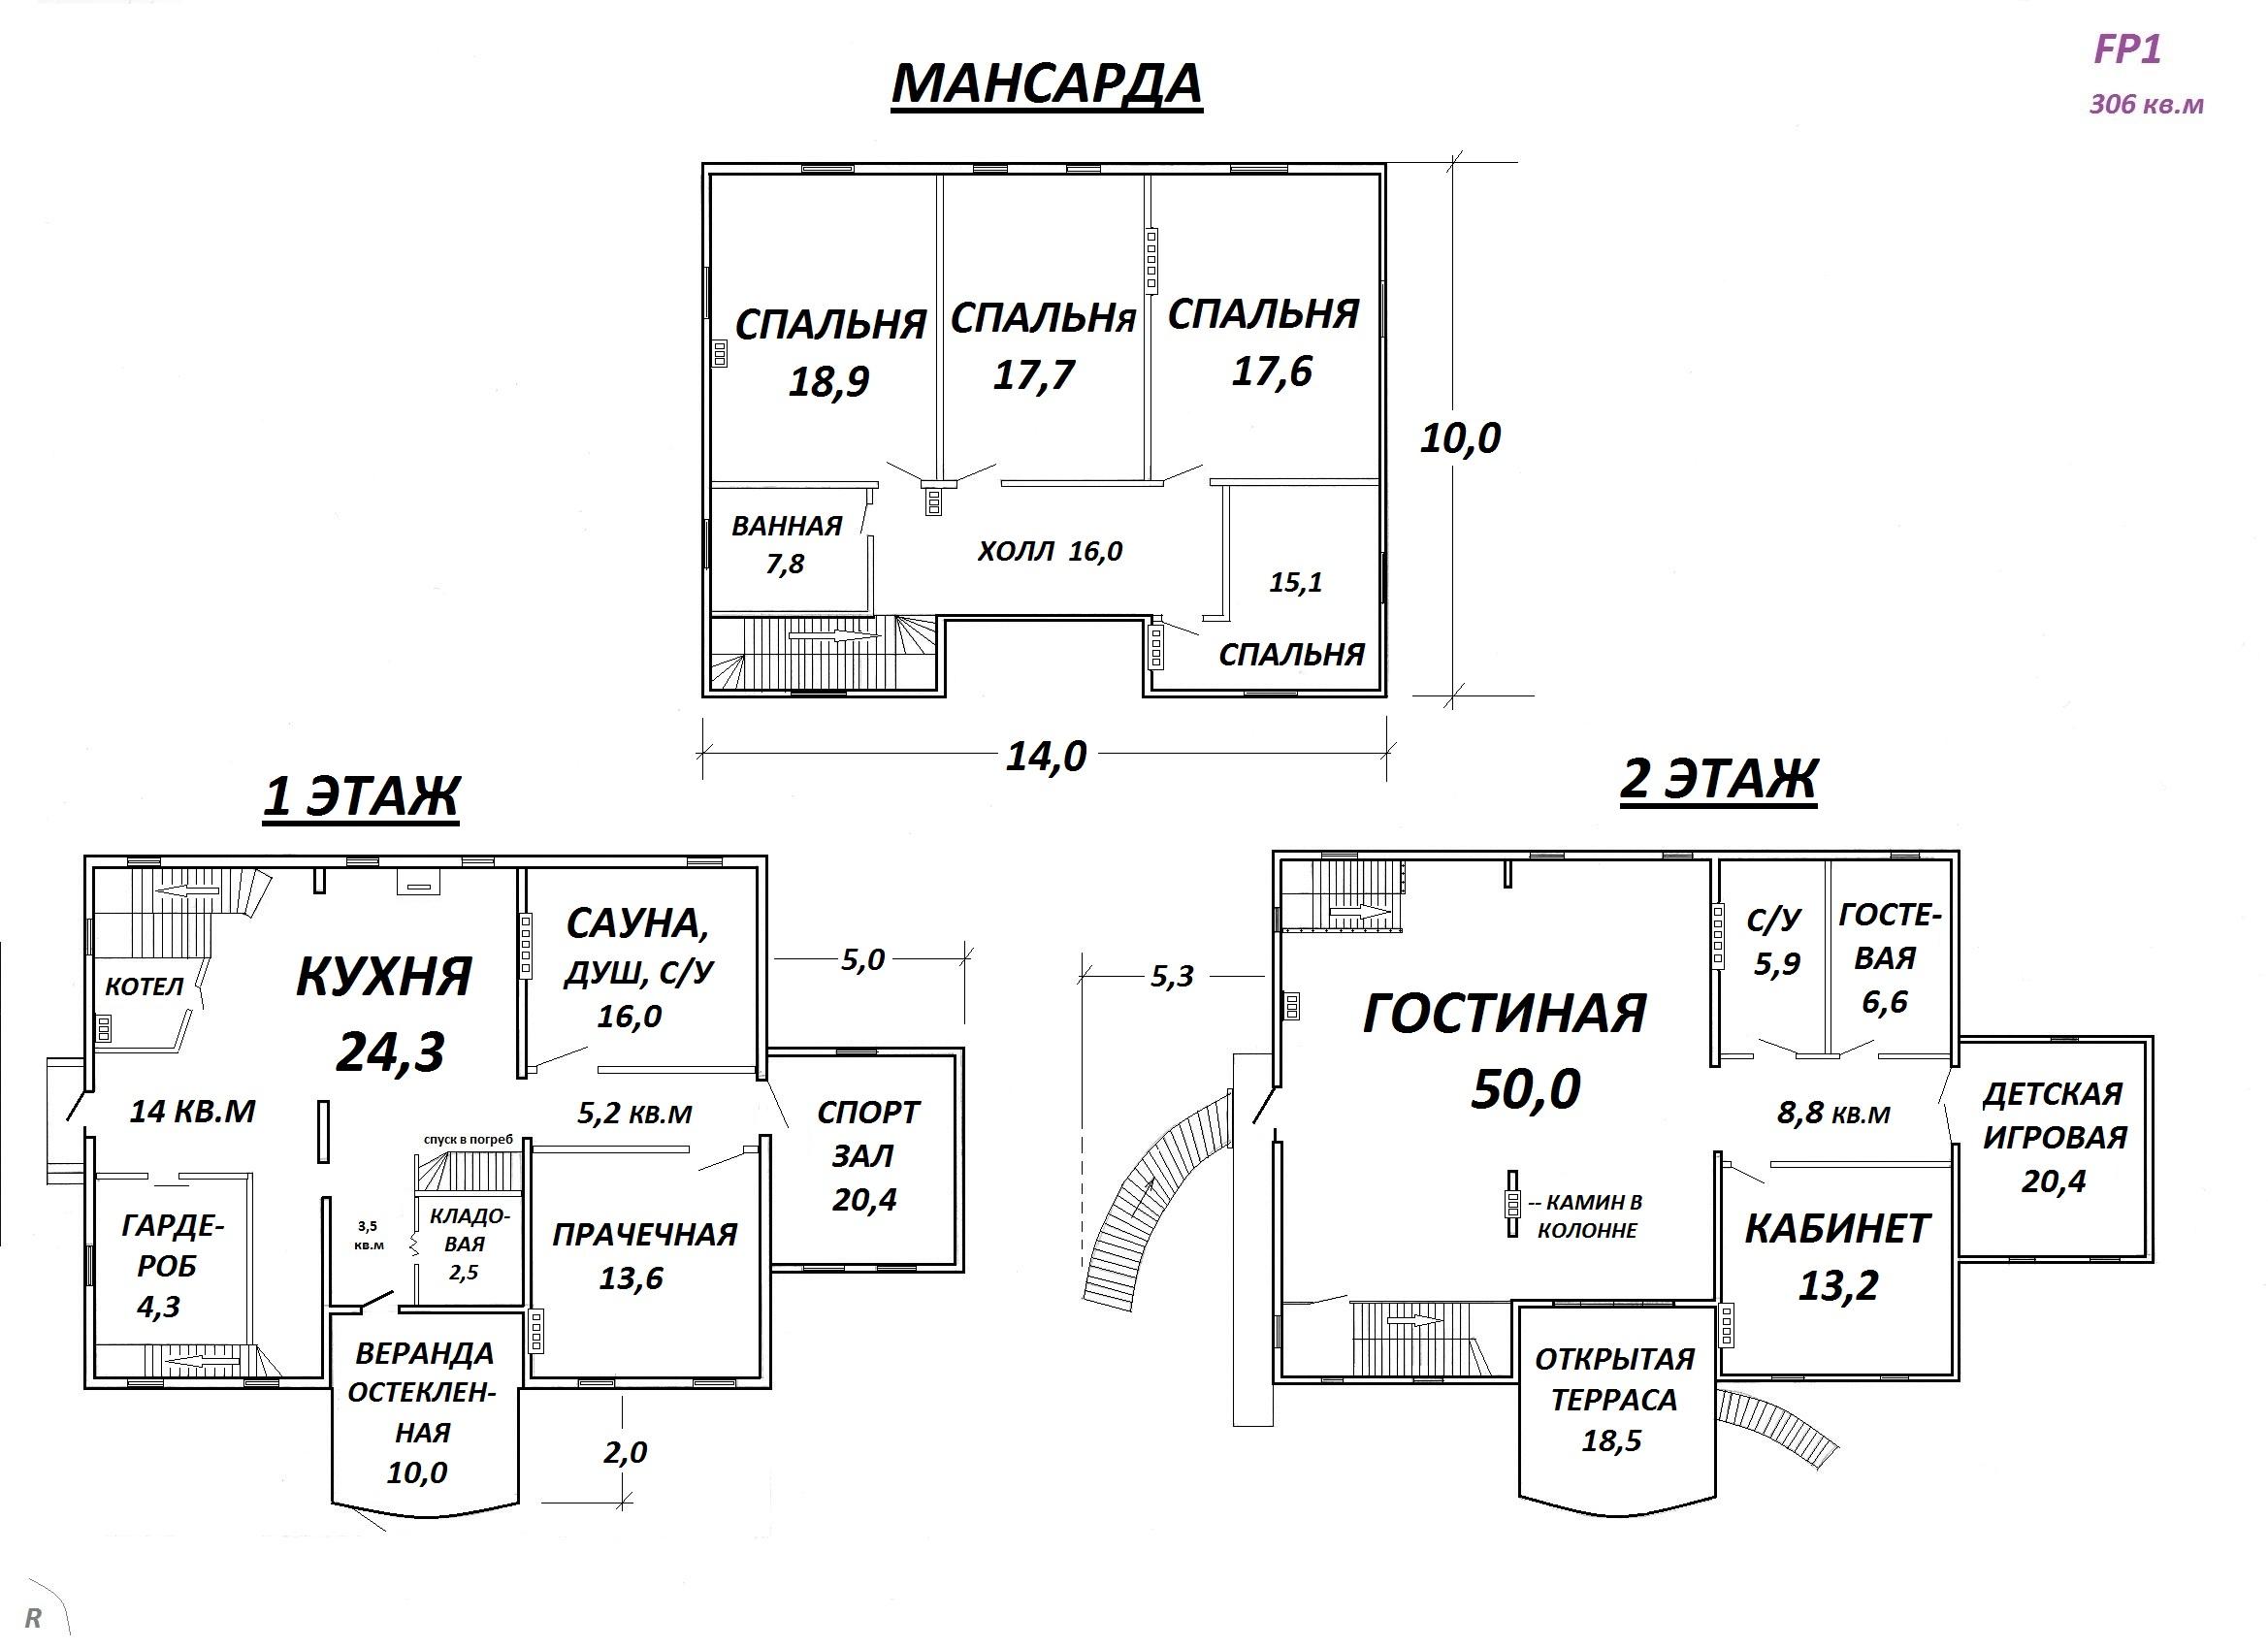 Проект особняка 306 кв.м // Артикул FP1 план